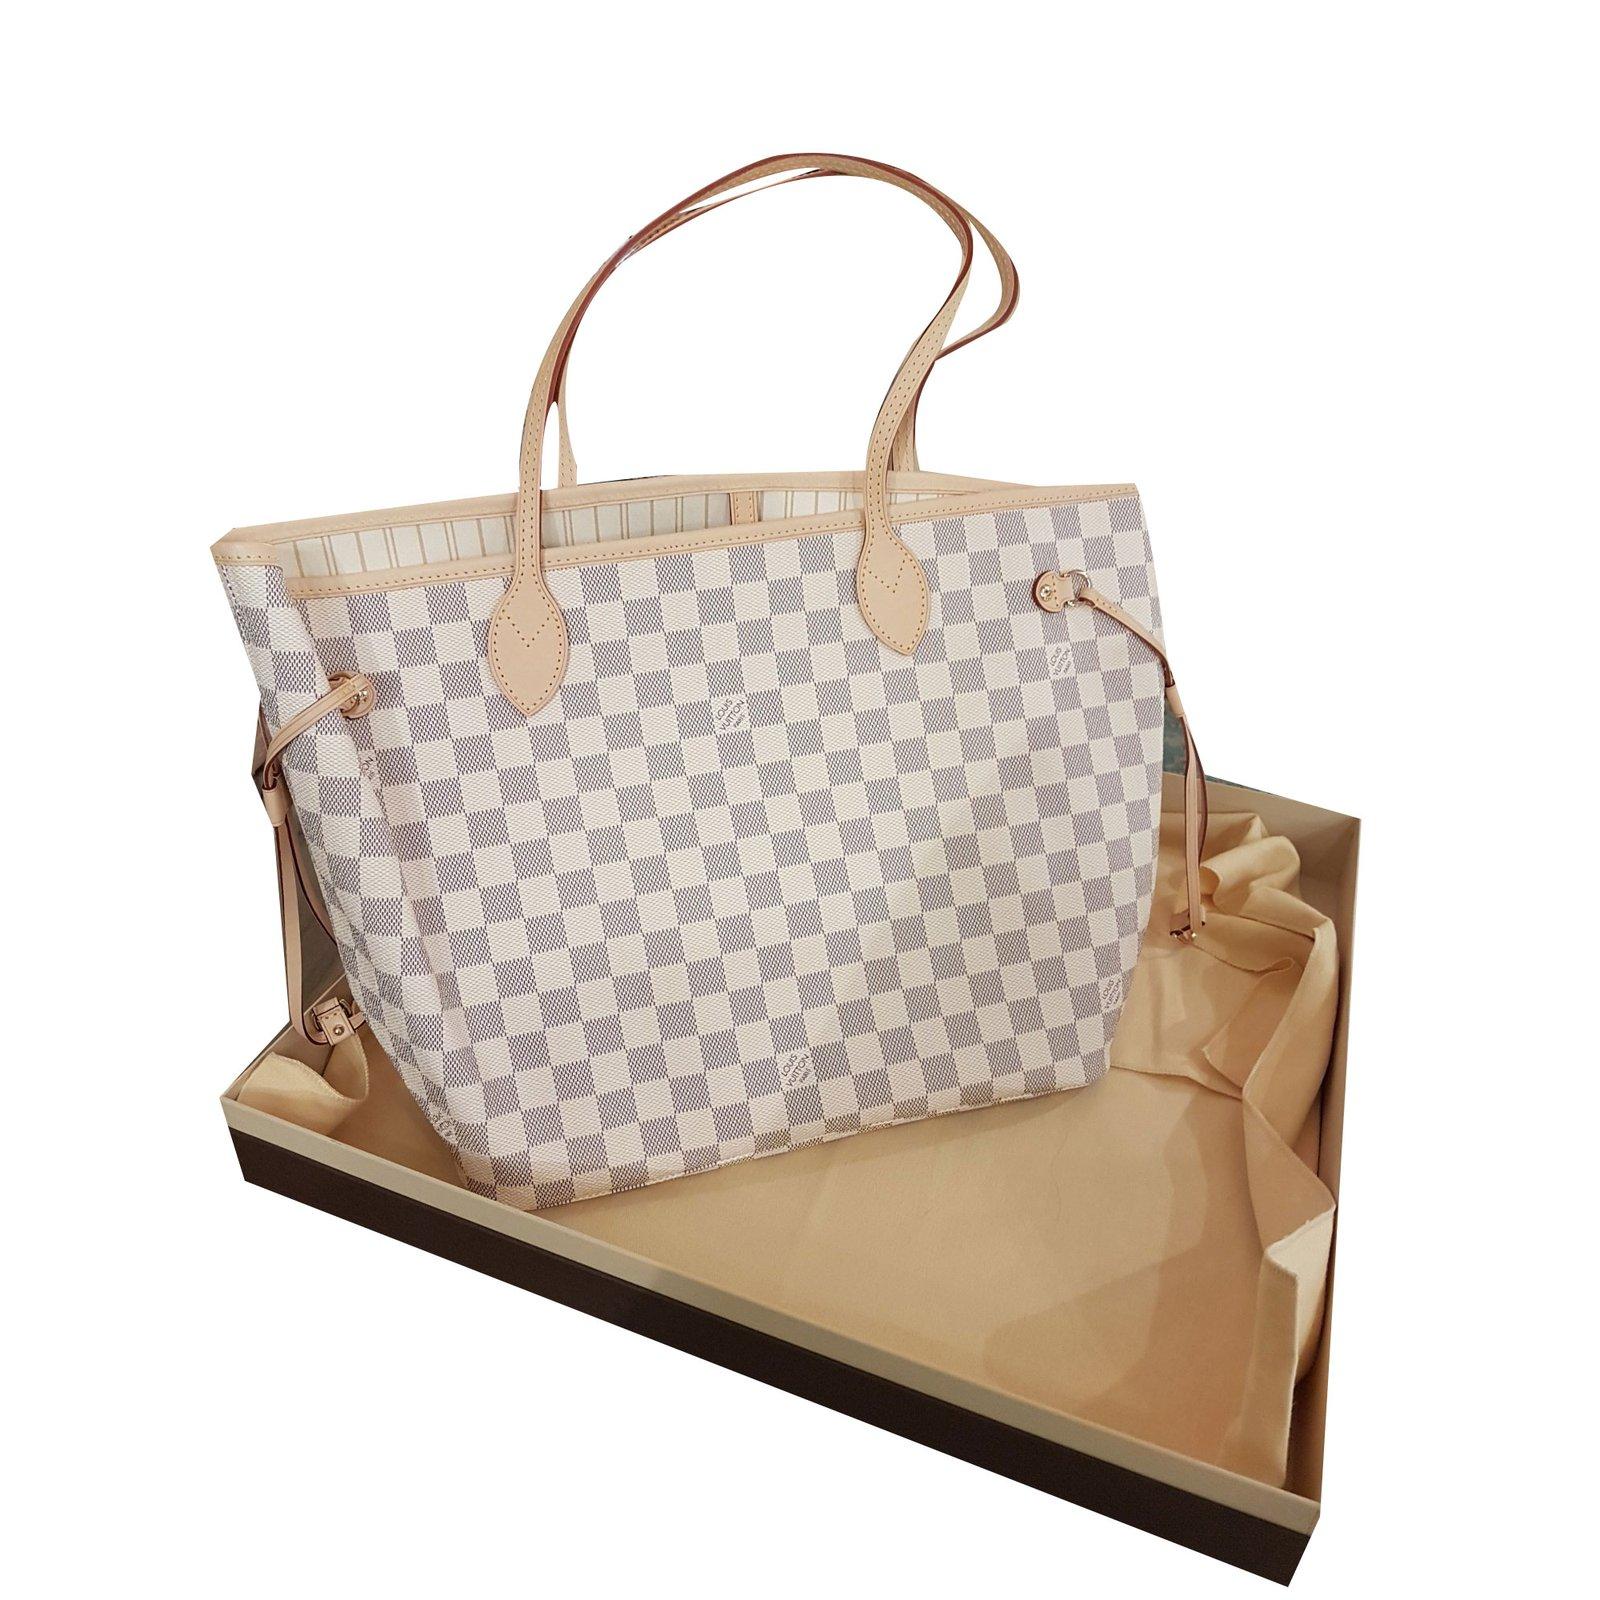 louis vuitton louis vuitton neverful handbags leather